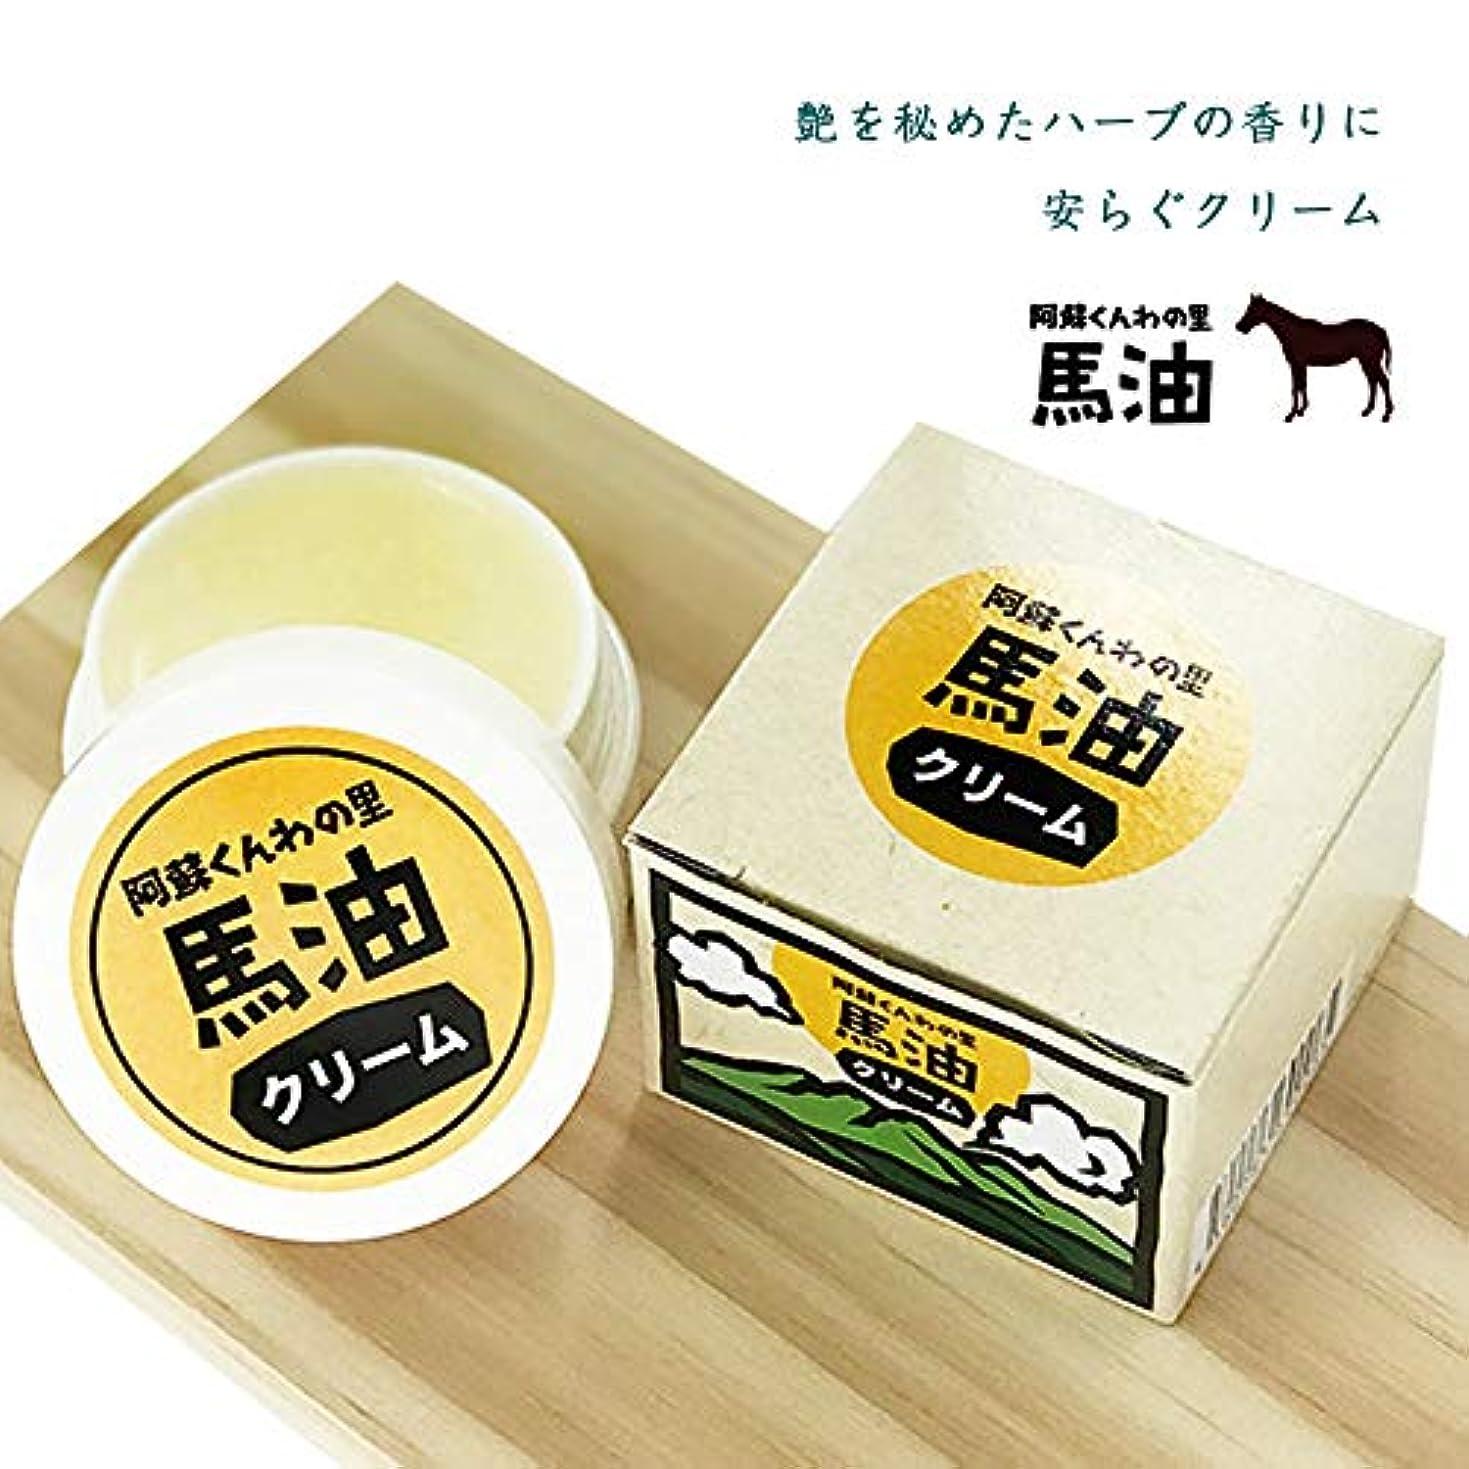 コーヒーマルコポーロくるくる馬油 クリーム 3個セット 阿蘇 くんわの里 保湿 乾燥対策